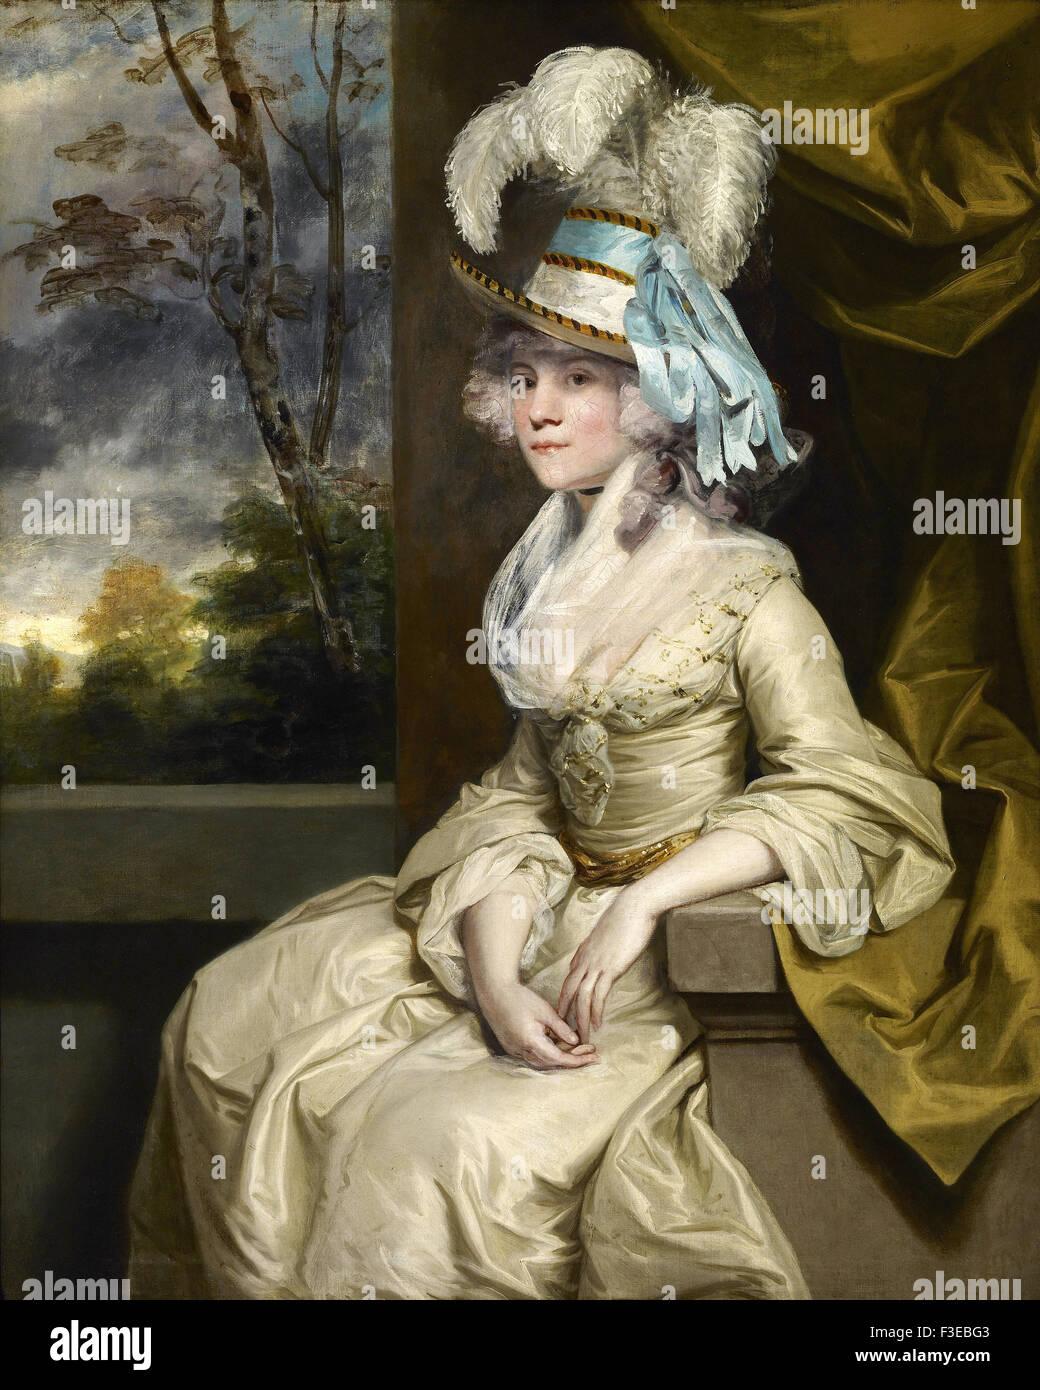 Sir Joshua Reynolds - Elizabeth, Lady Taylor - Stock Image